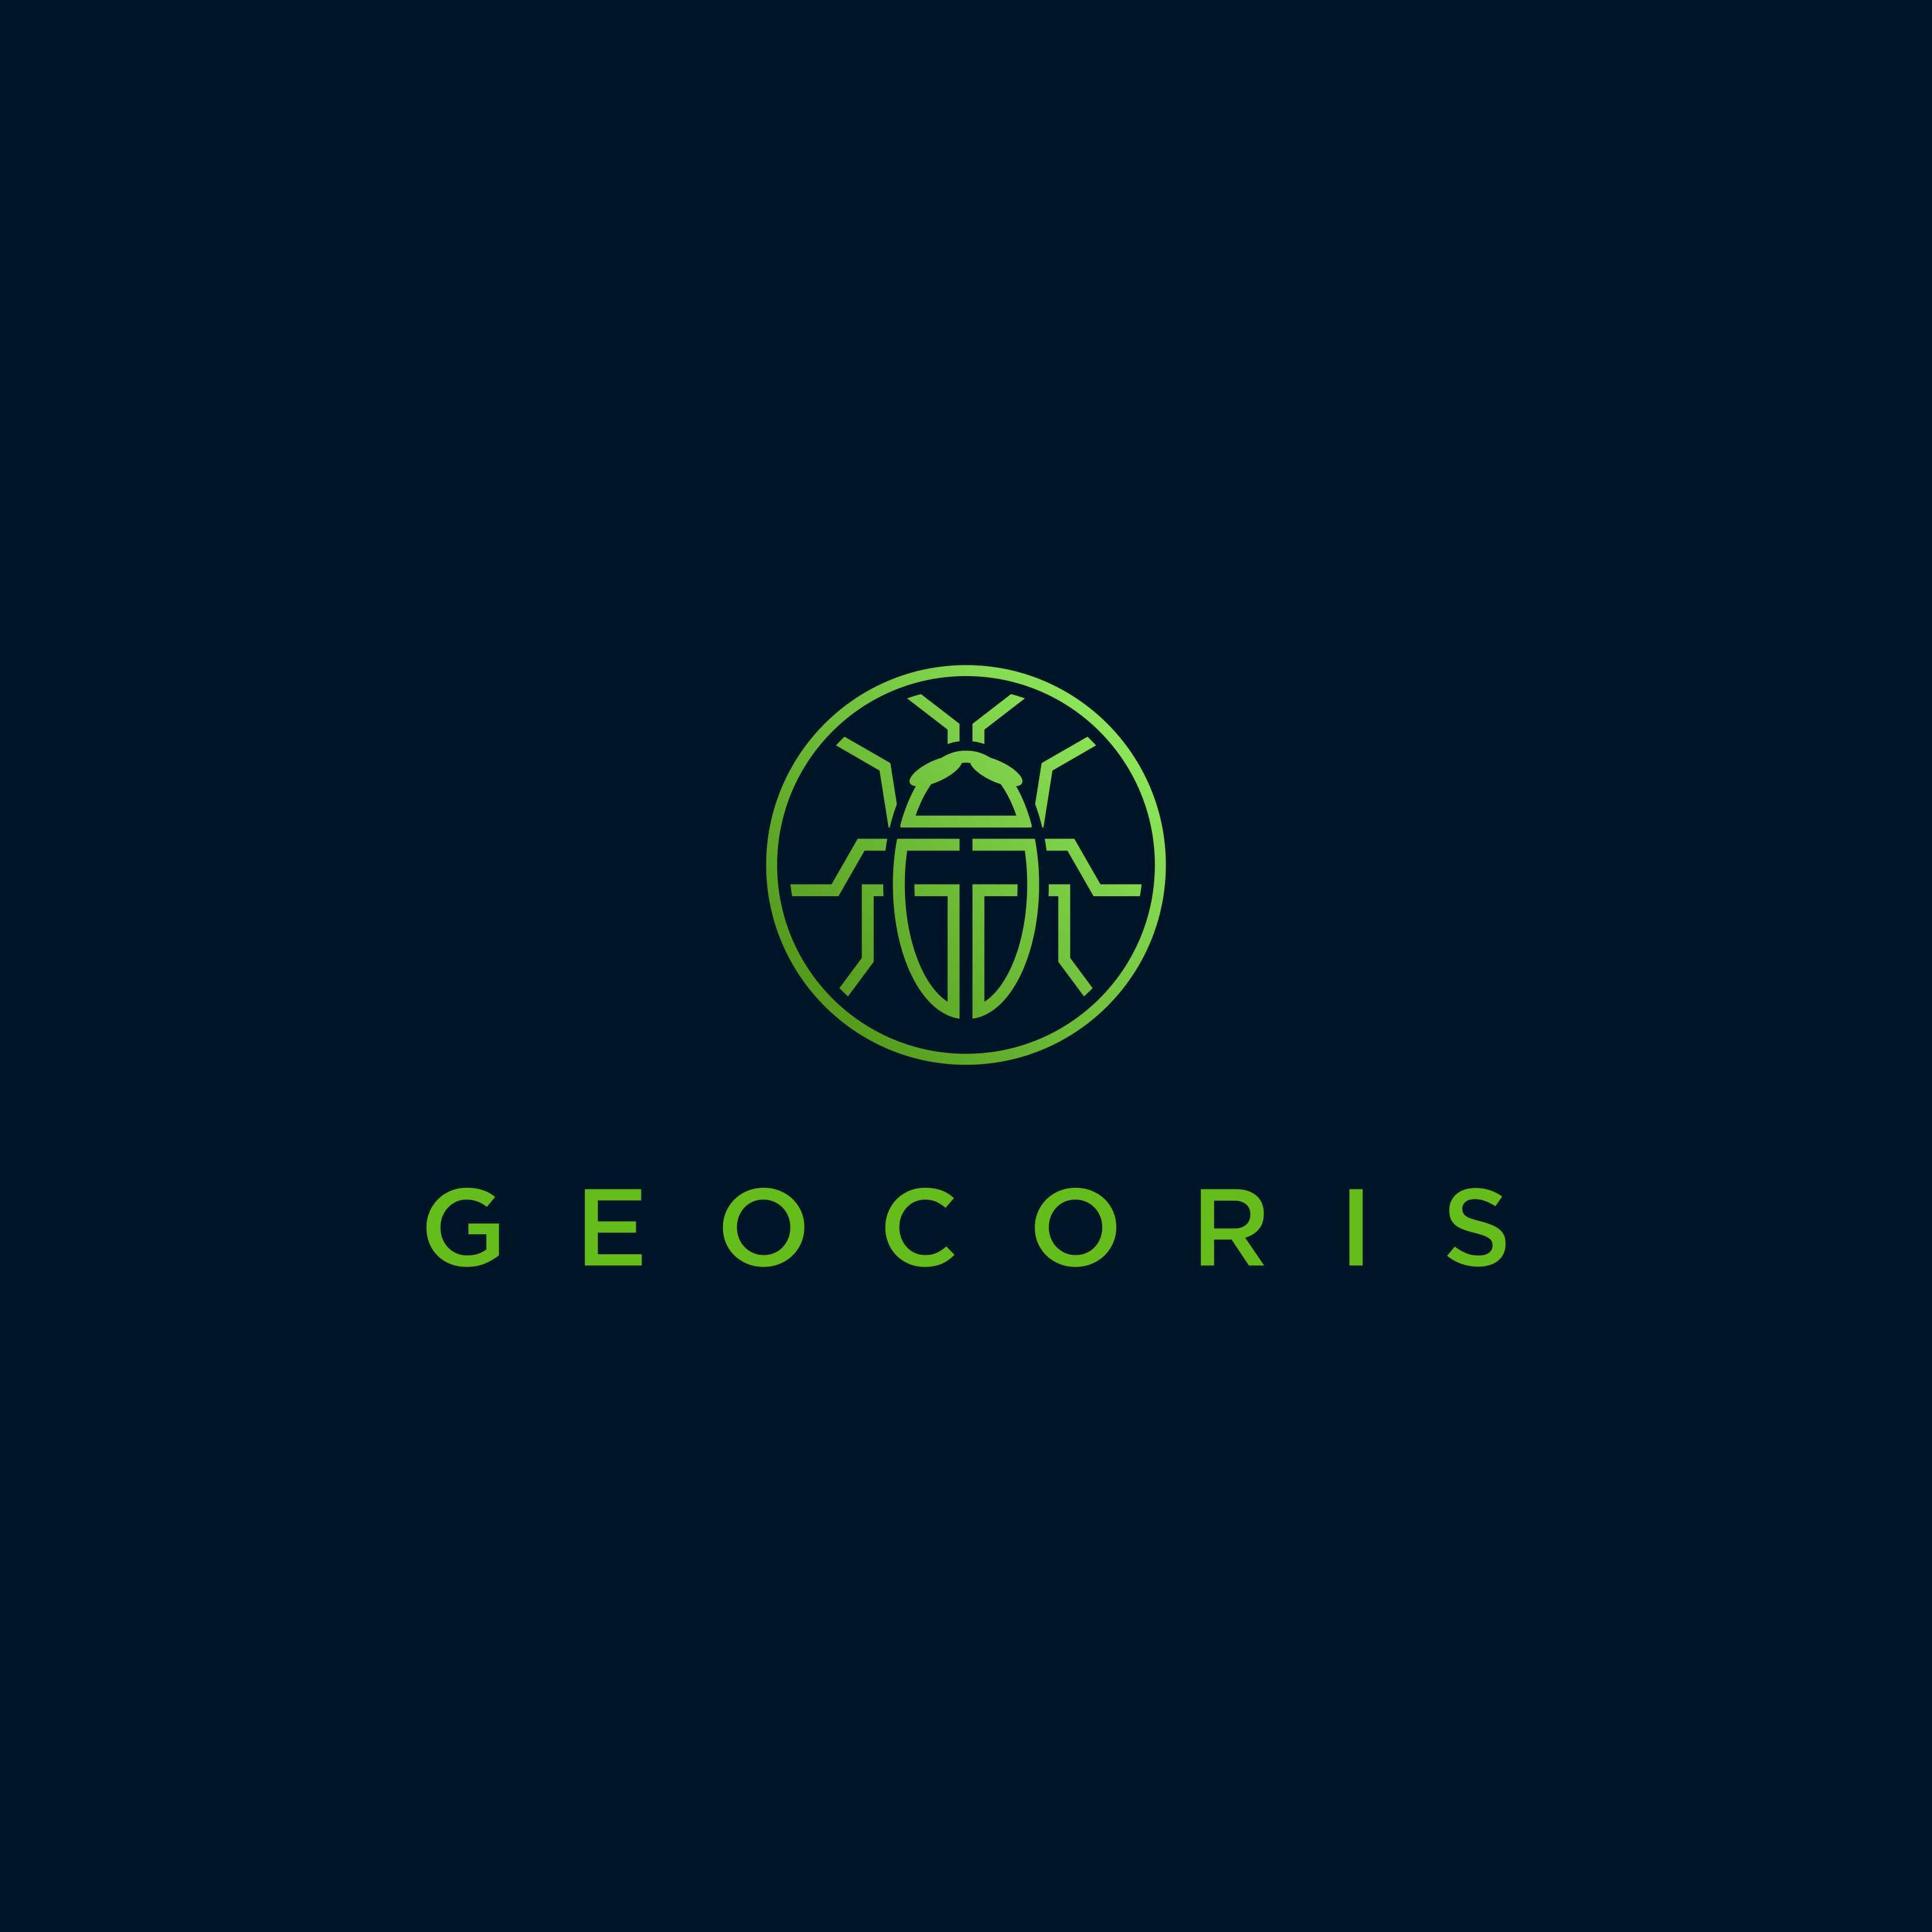 Geocoris Logo - Agricultural equipment co.